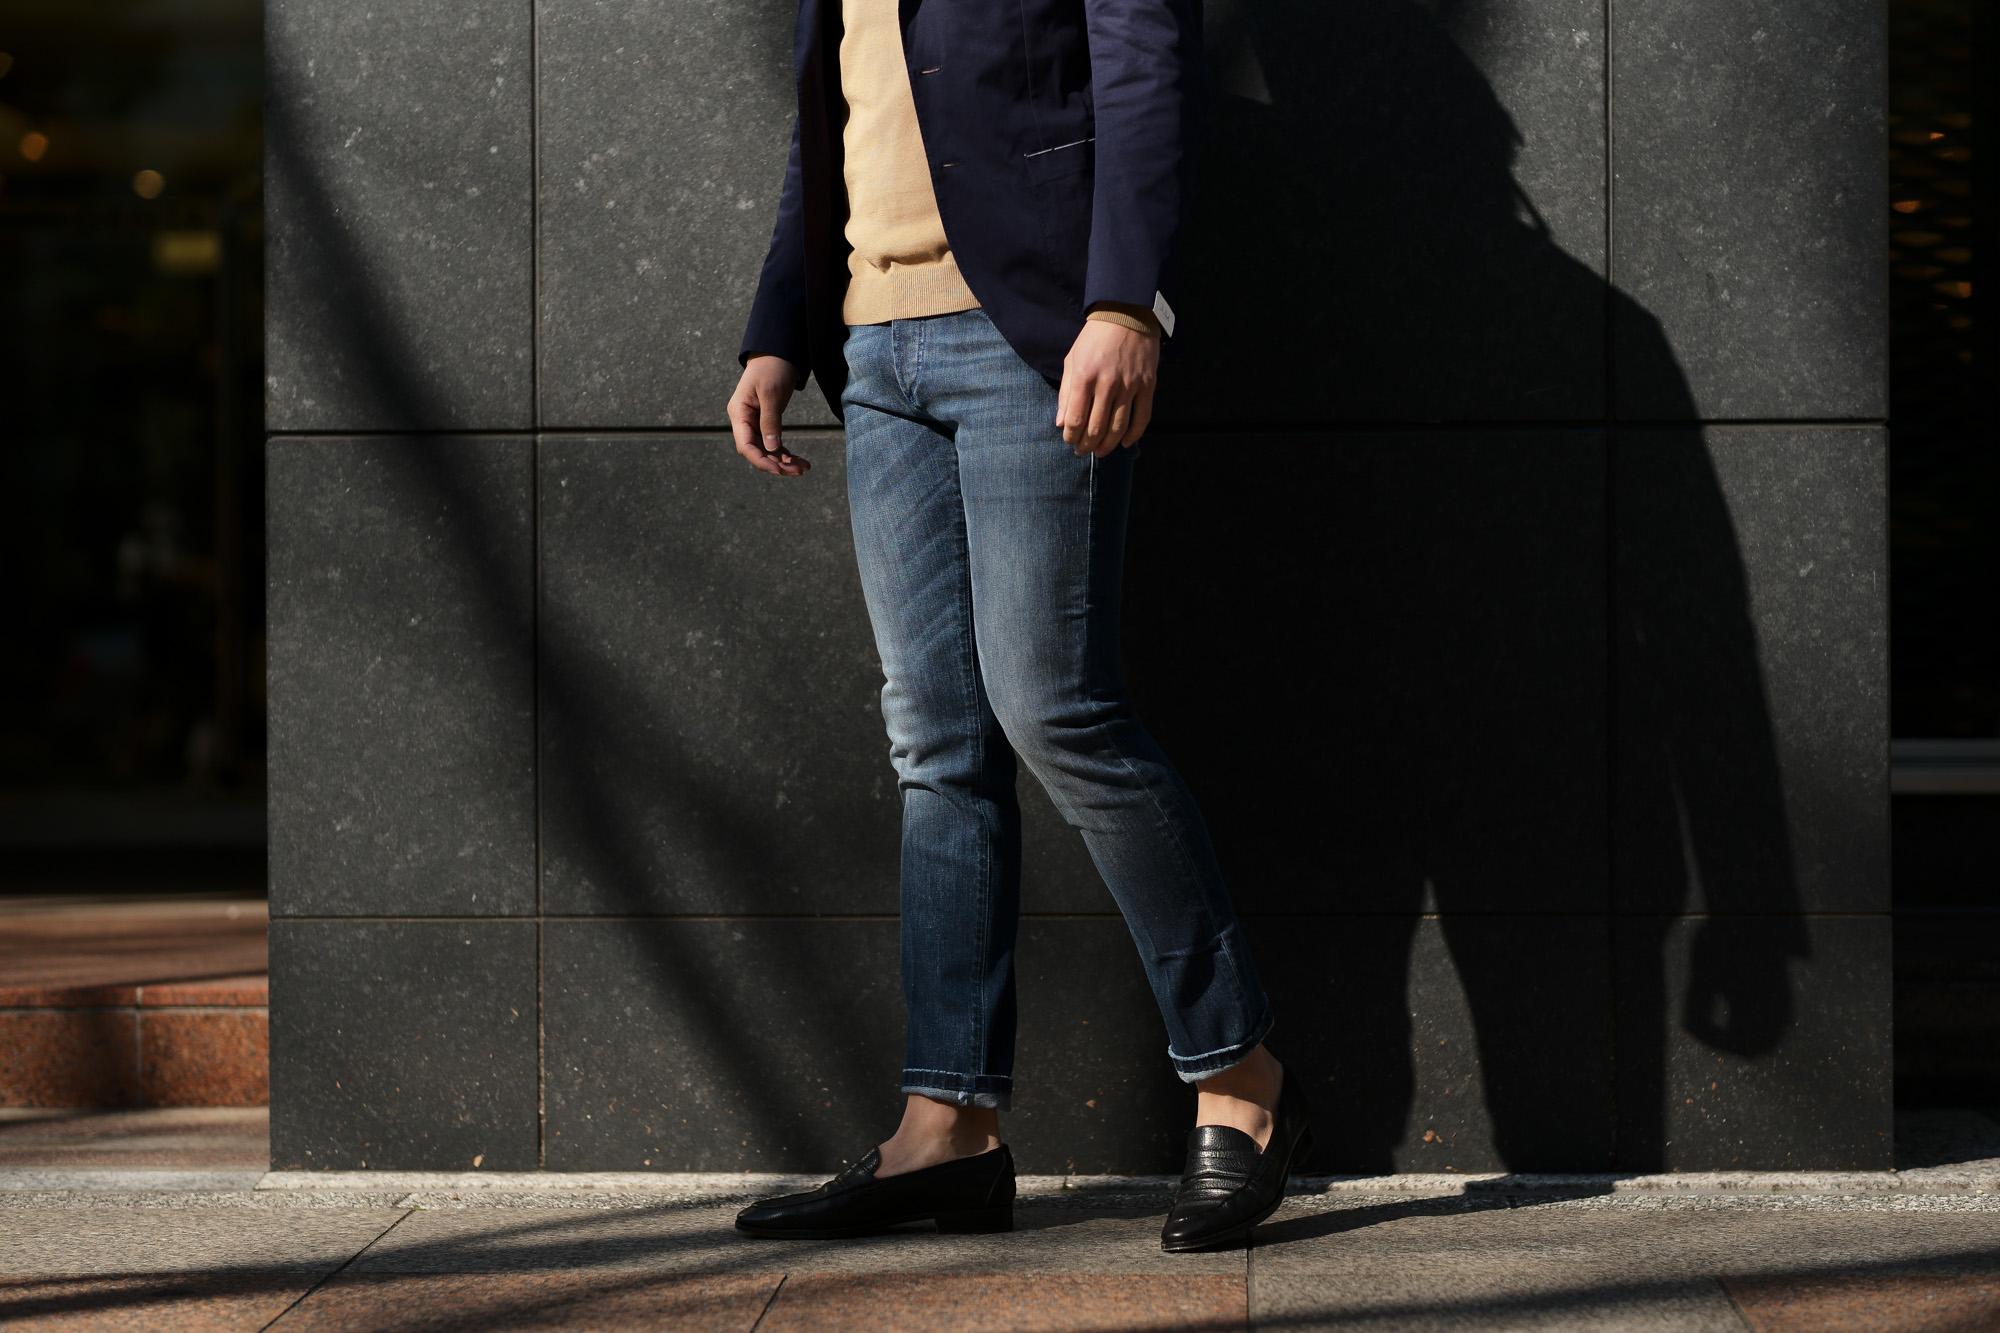 RICHARD J. BROWN (リチャード ジェイ ブラウン) TOKIO (トウキョウ) ストレッチ デニム パンツ BLUE (ブルー・T44 W956) MADE IN ITALY (イタリア製) 2019 春夏新作 richardjbrown altoediritto アルトエデリット 愛知 名古屋 ジーンズ